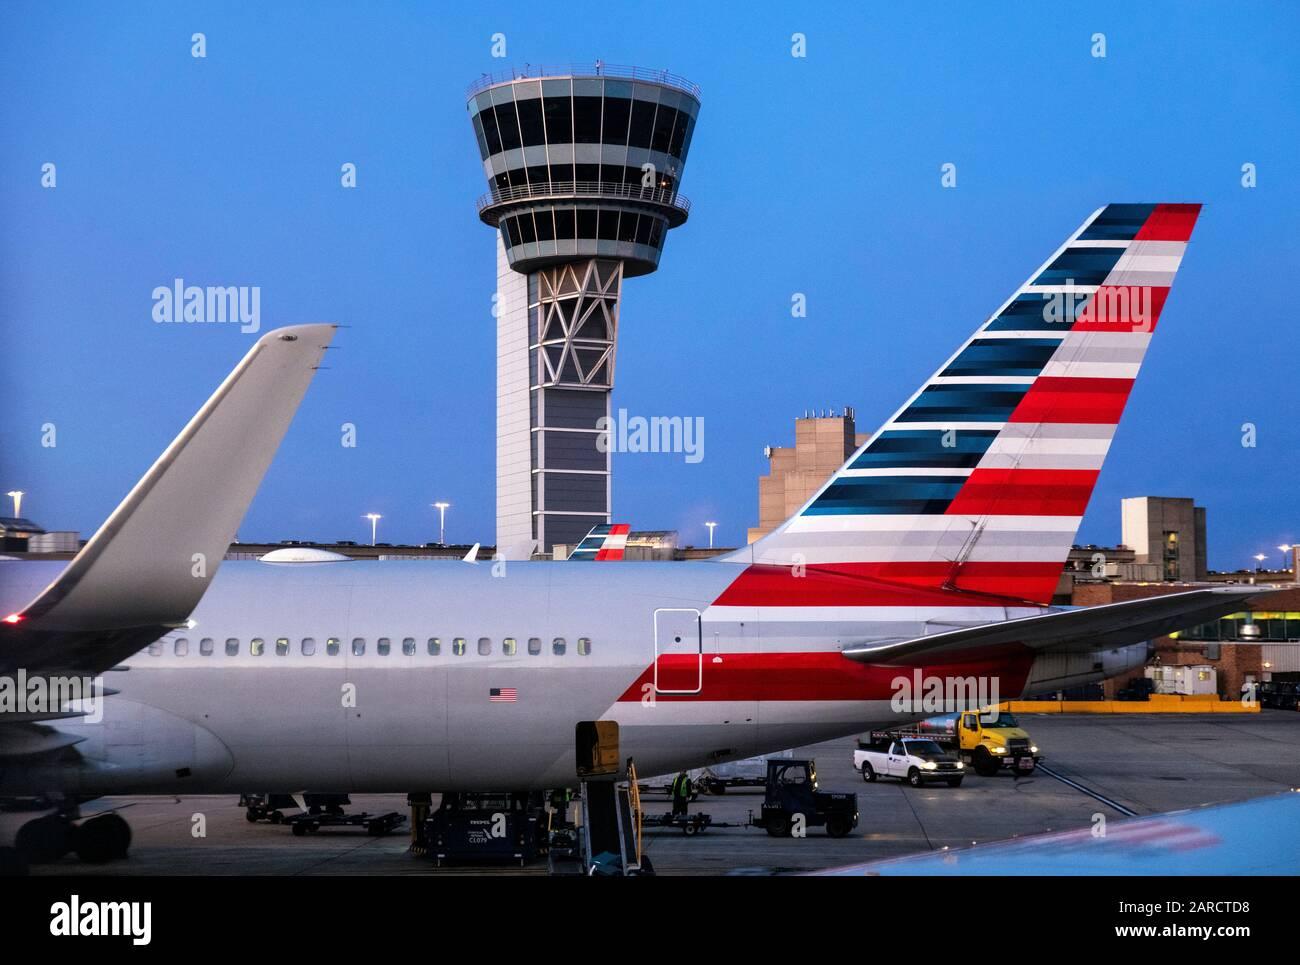 Torre de control de tráfico aéreo en el aeropuerto ocupado. Foto de stock